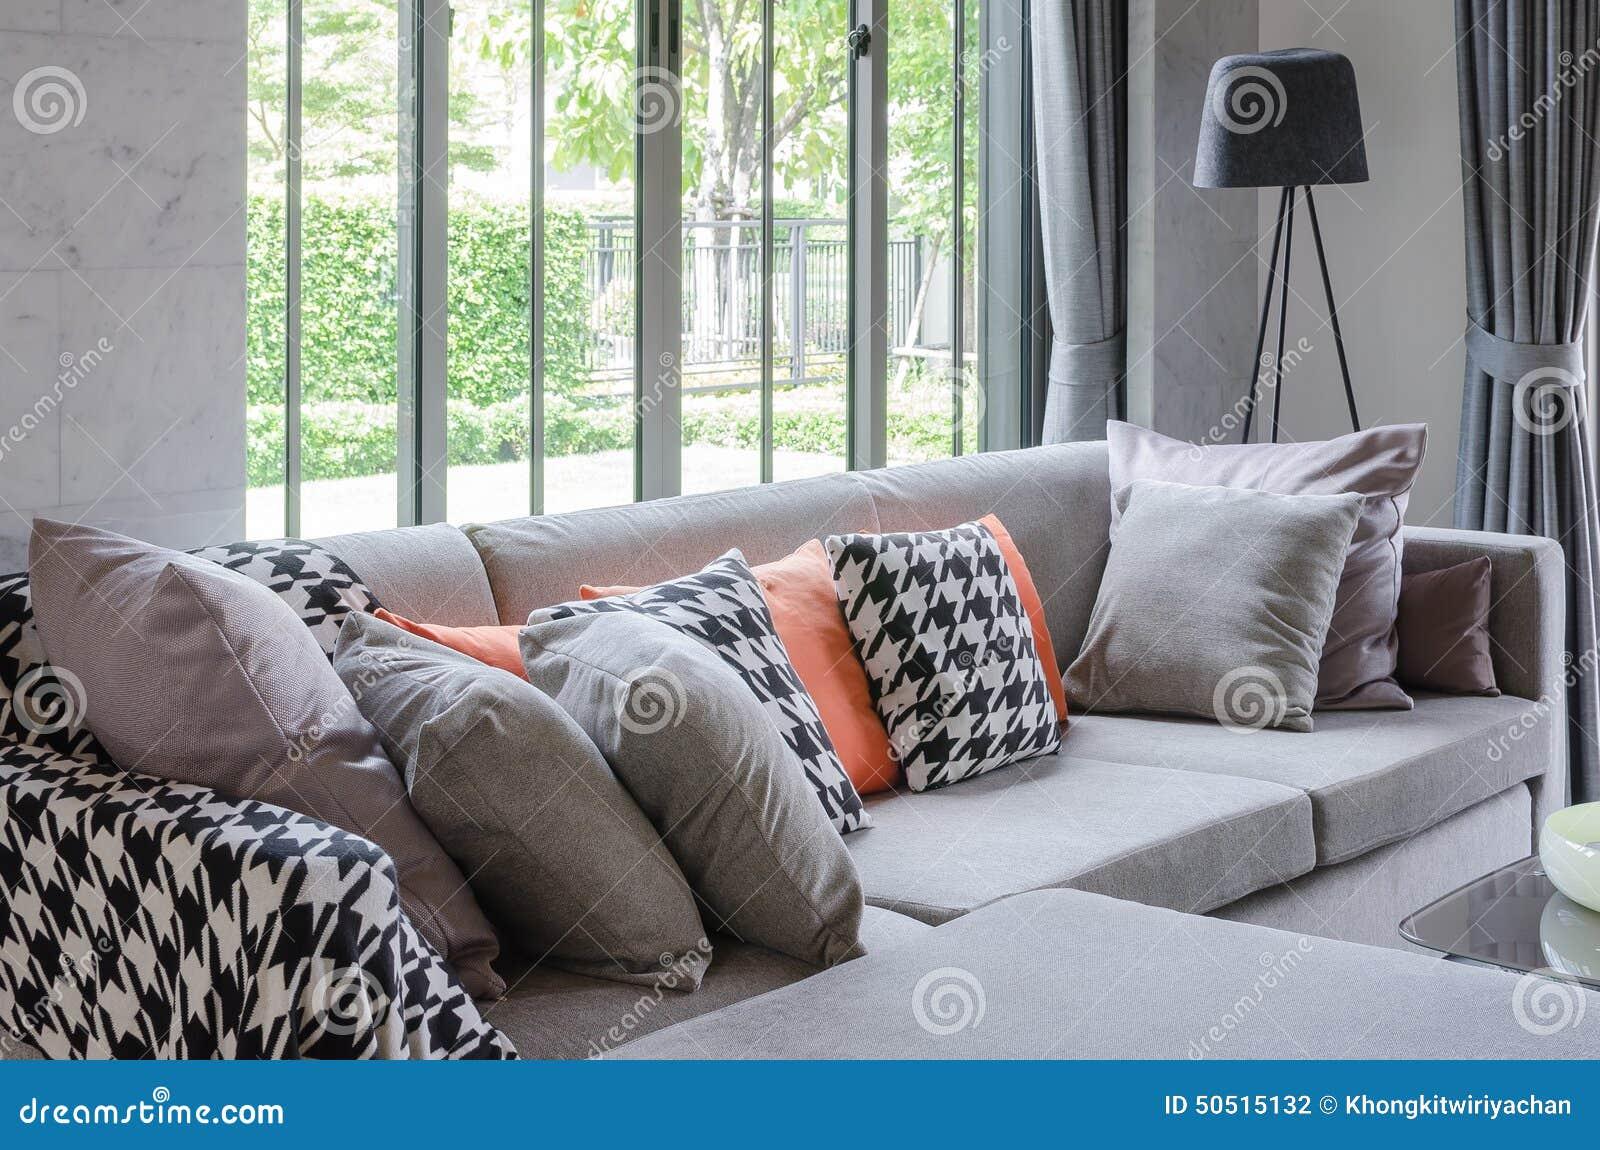 modernes wohnzimmer mit grauem sofa und kissen stockfoto - bild, Wohnzimmer dekoo